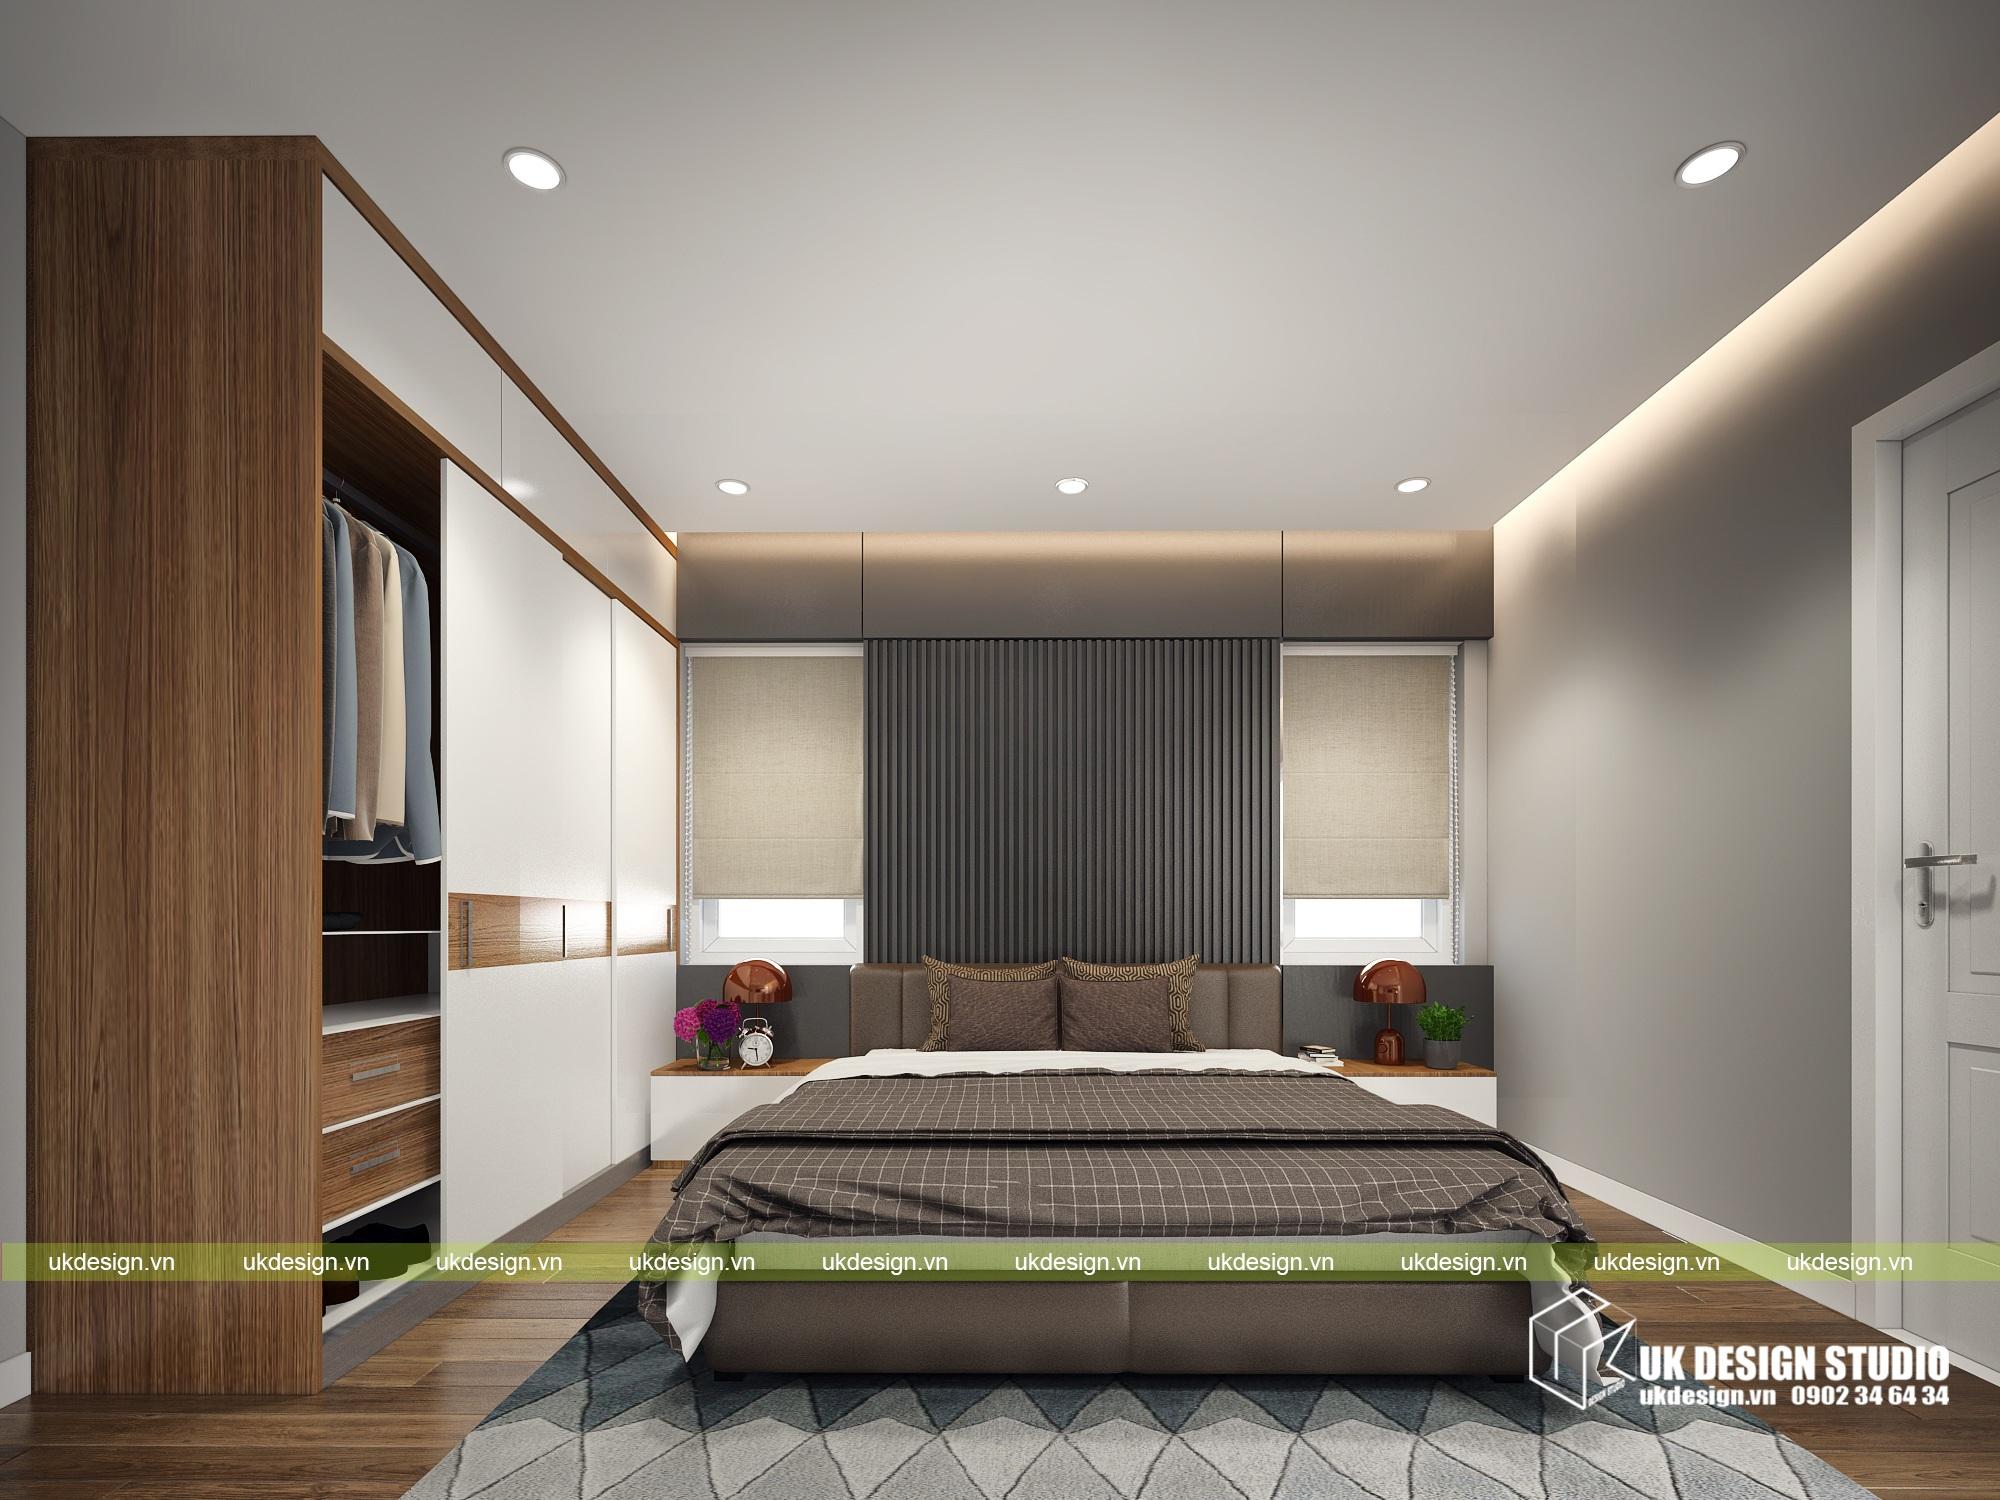 Thiết kế nội thất nhà phố hiện đại kết hợp văn phòng kinh doanh - 6